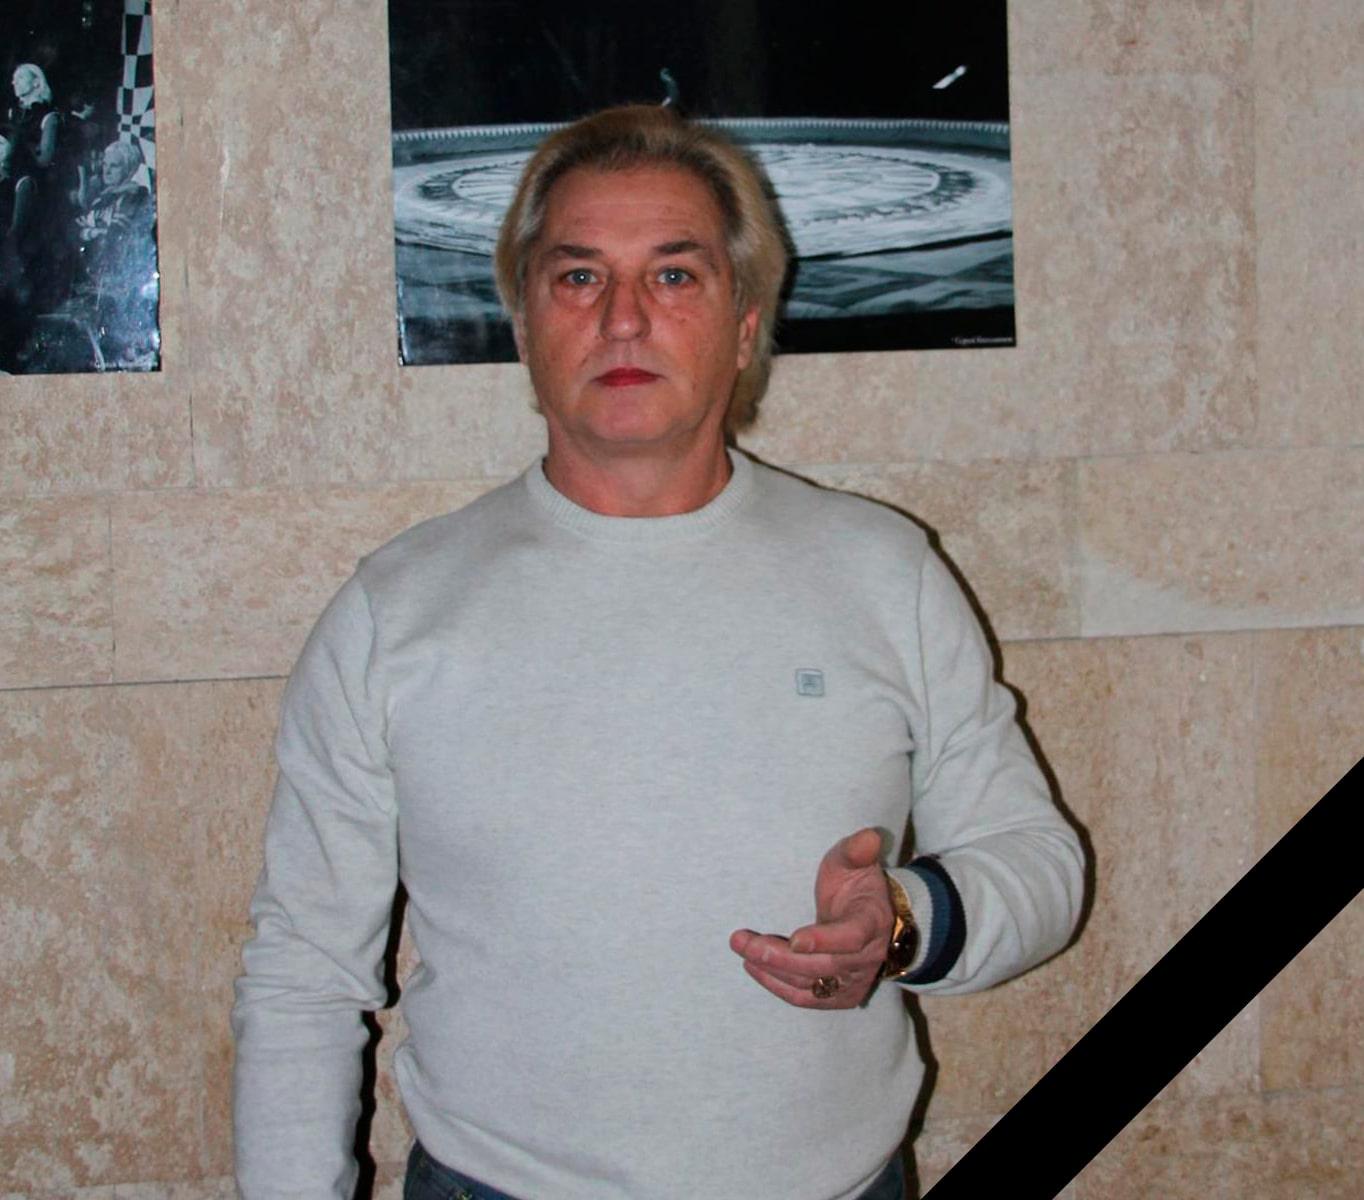 Колектив Державної циркової компанії України висловлює скорботу з приводу смерті Тараненка Геннадія Михайловича